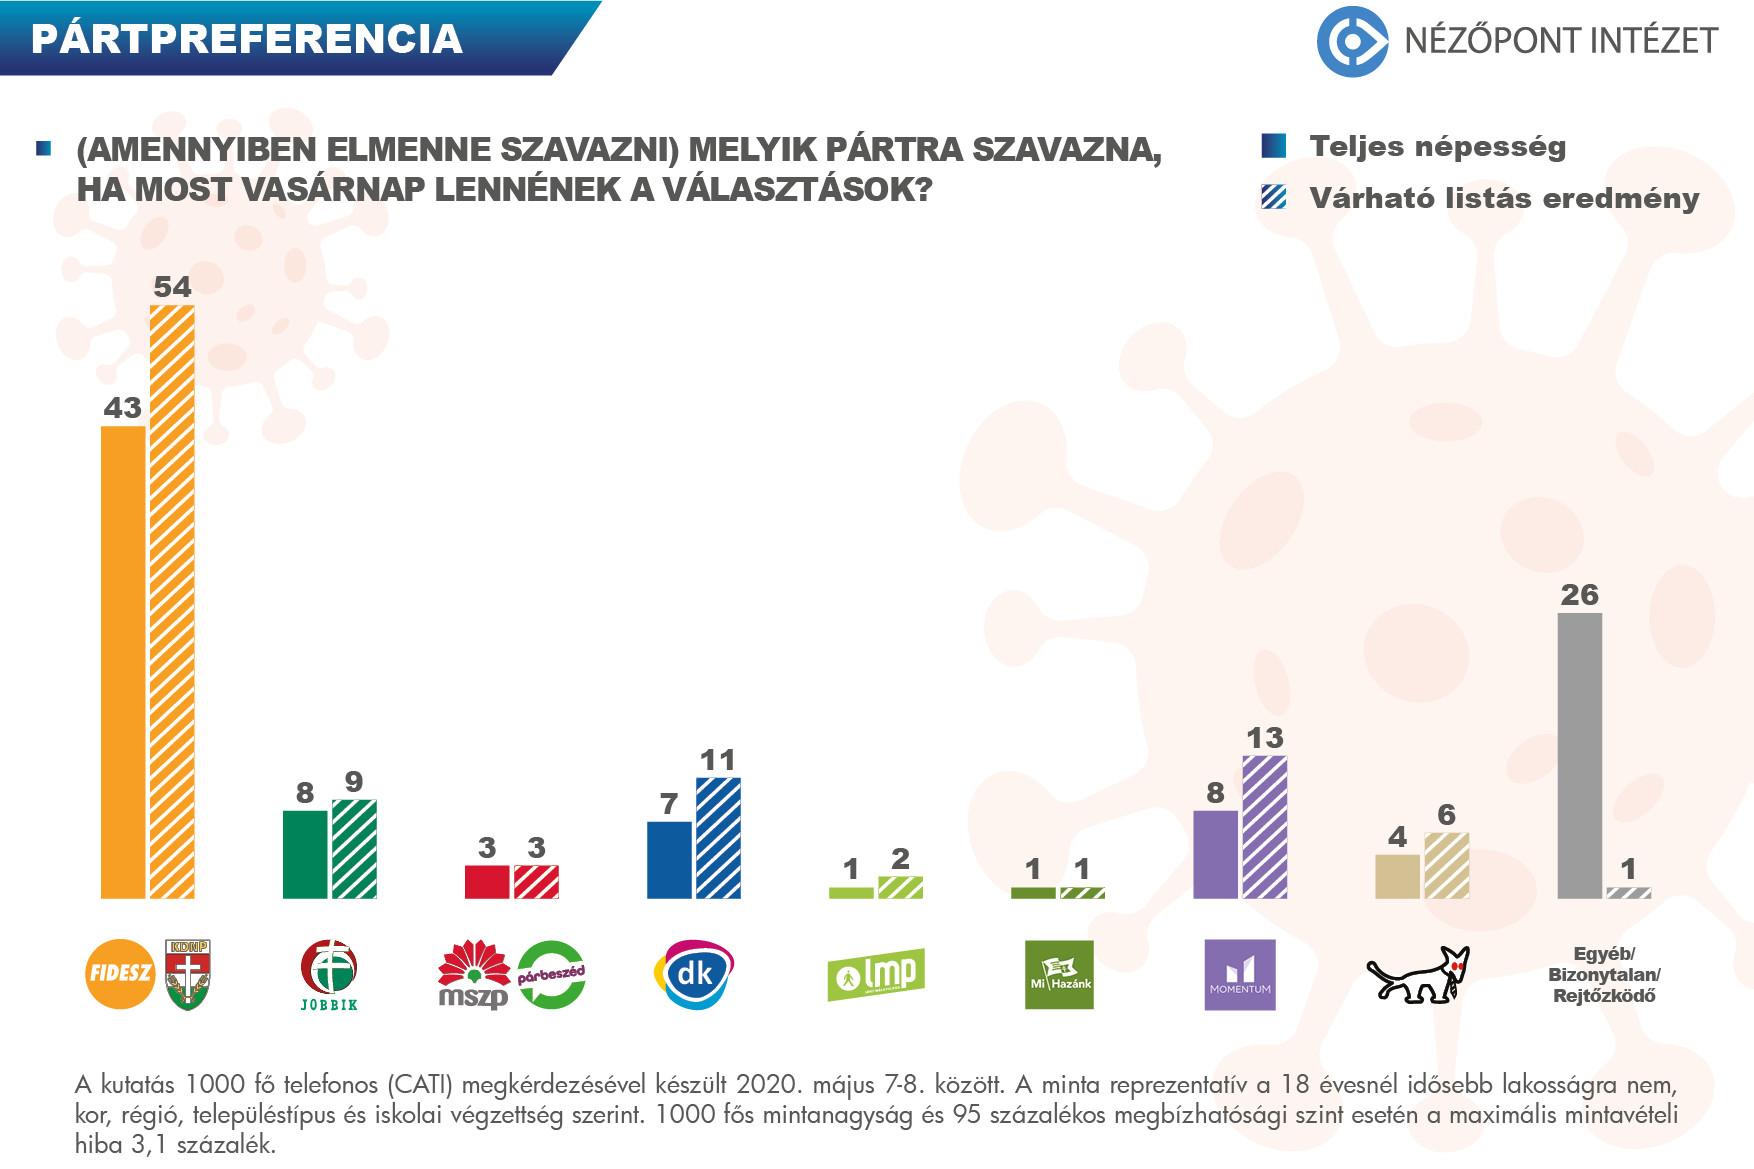 A teljes népeségen belül a Fidesz-KDNP népszerűsége 43 százalék, ami azt jelenti, hogy közel 3 és fél millió szimpatizánsa van a kormánypártoknak